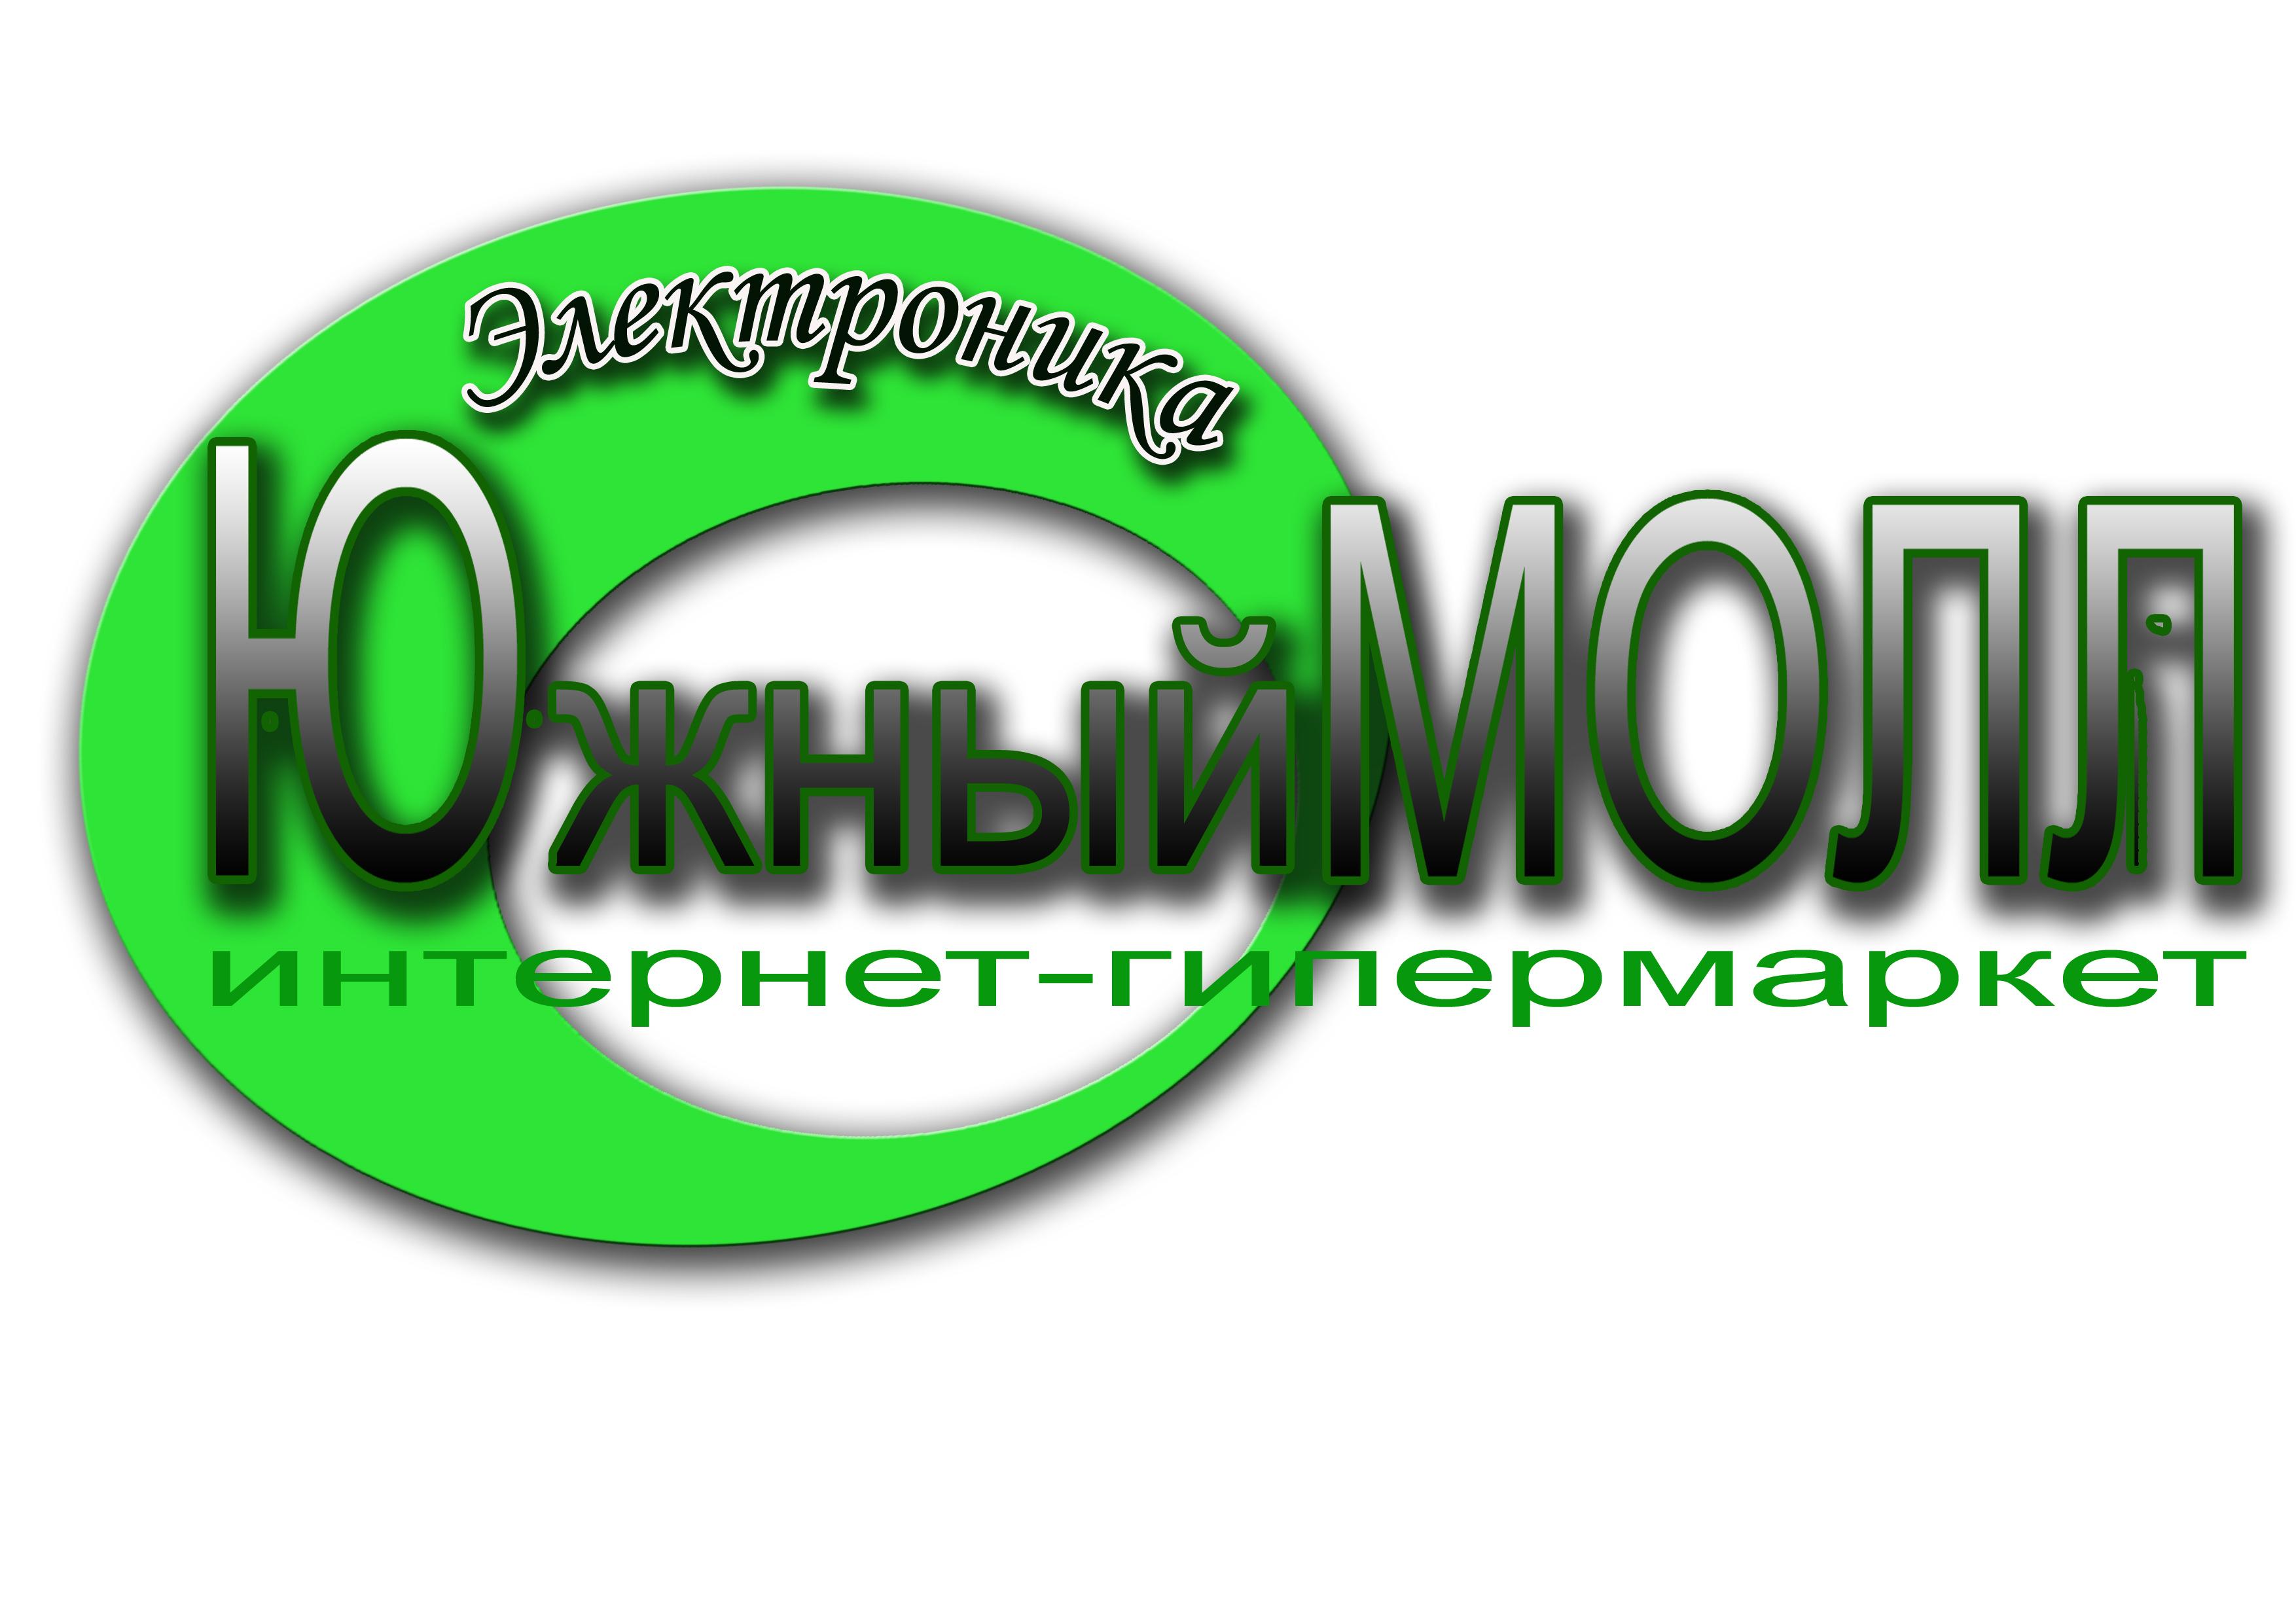 Разработка логотипа фото f_4db0336305f7e.jpg